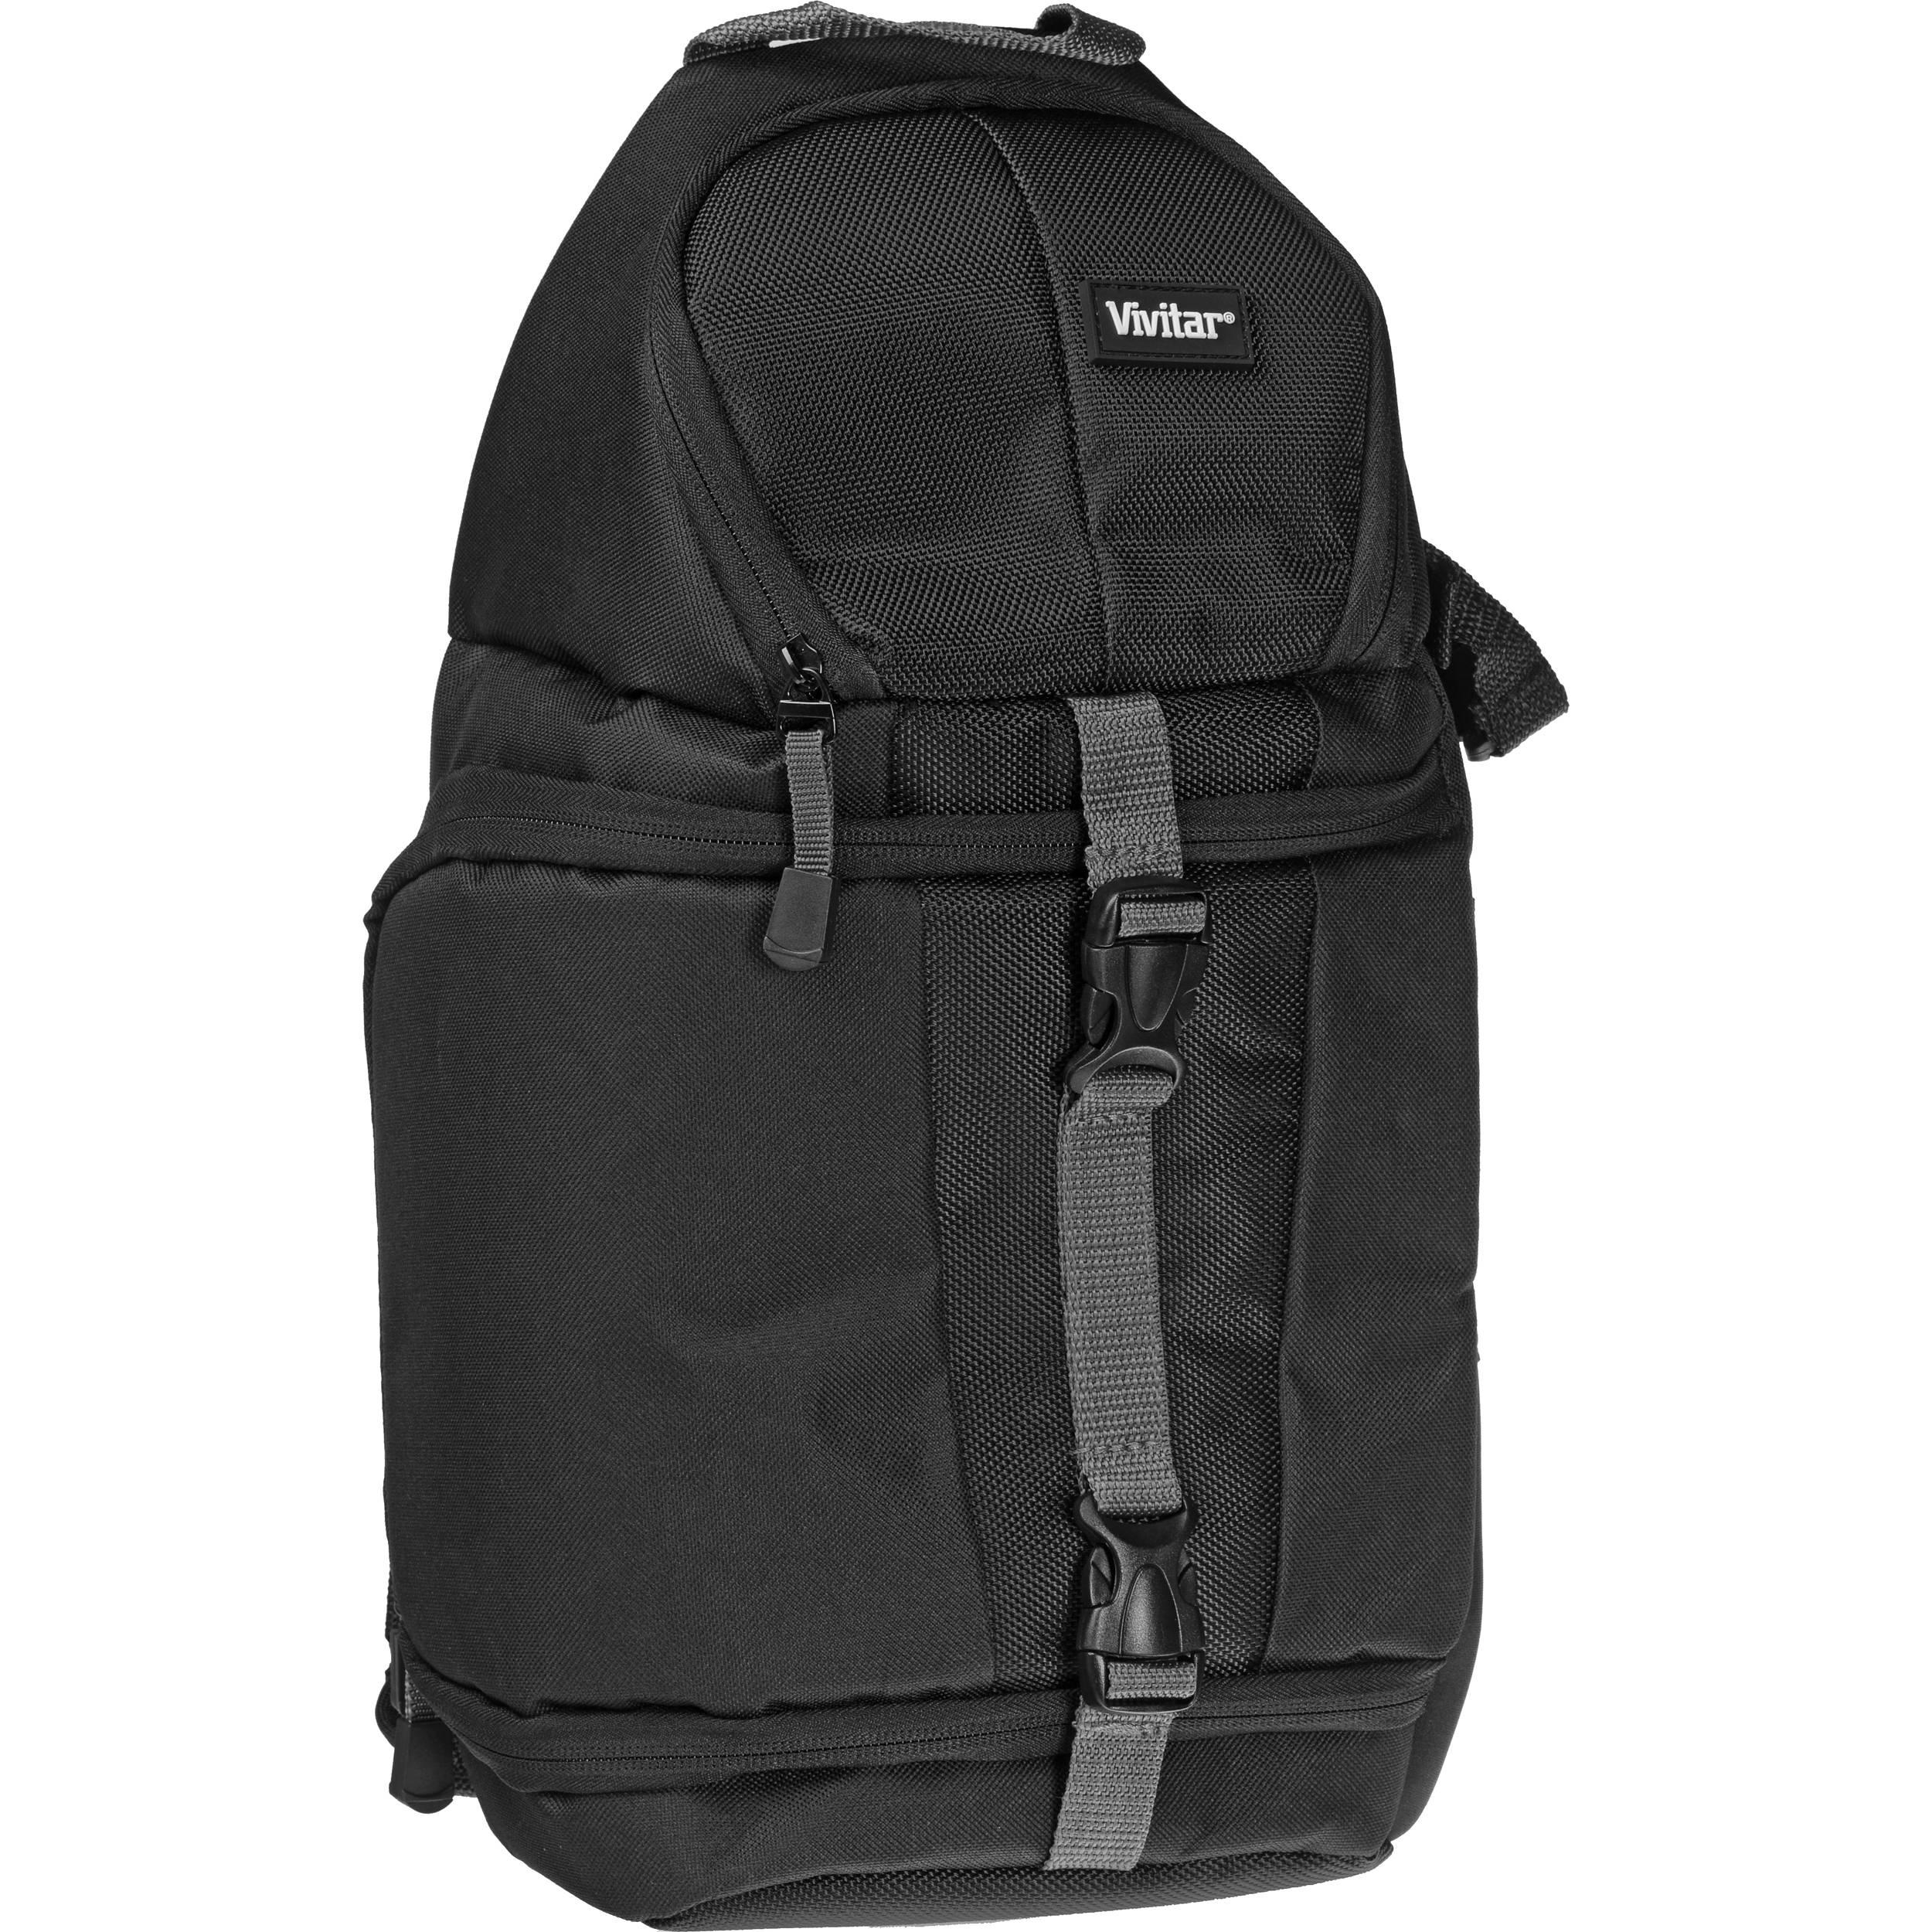 Vivitar DKS-15 Sling Backpack for DSLR System (Black) 8c3adf5891179